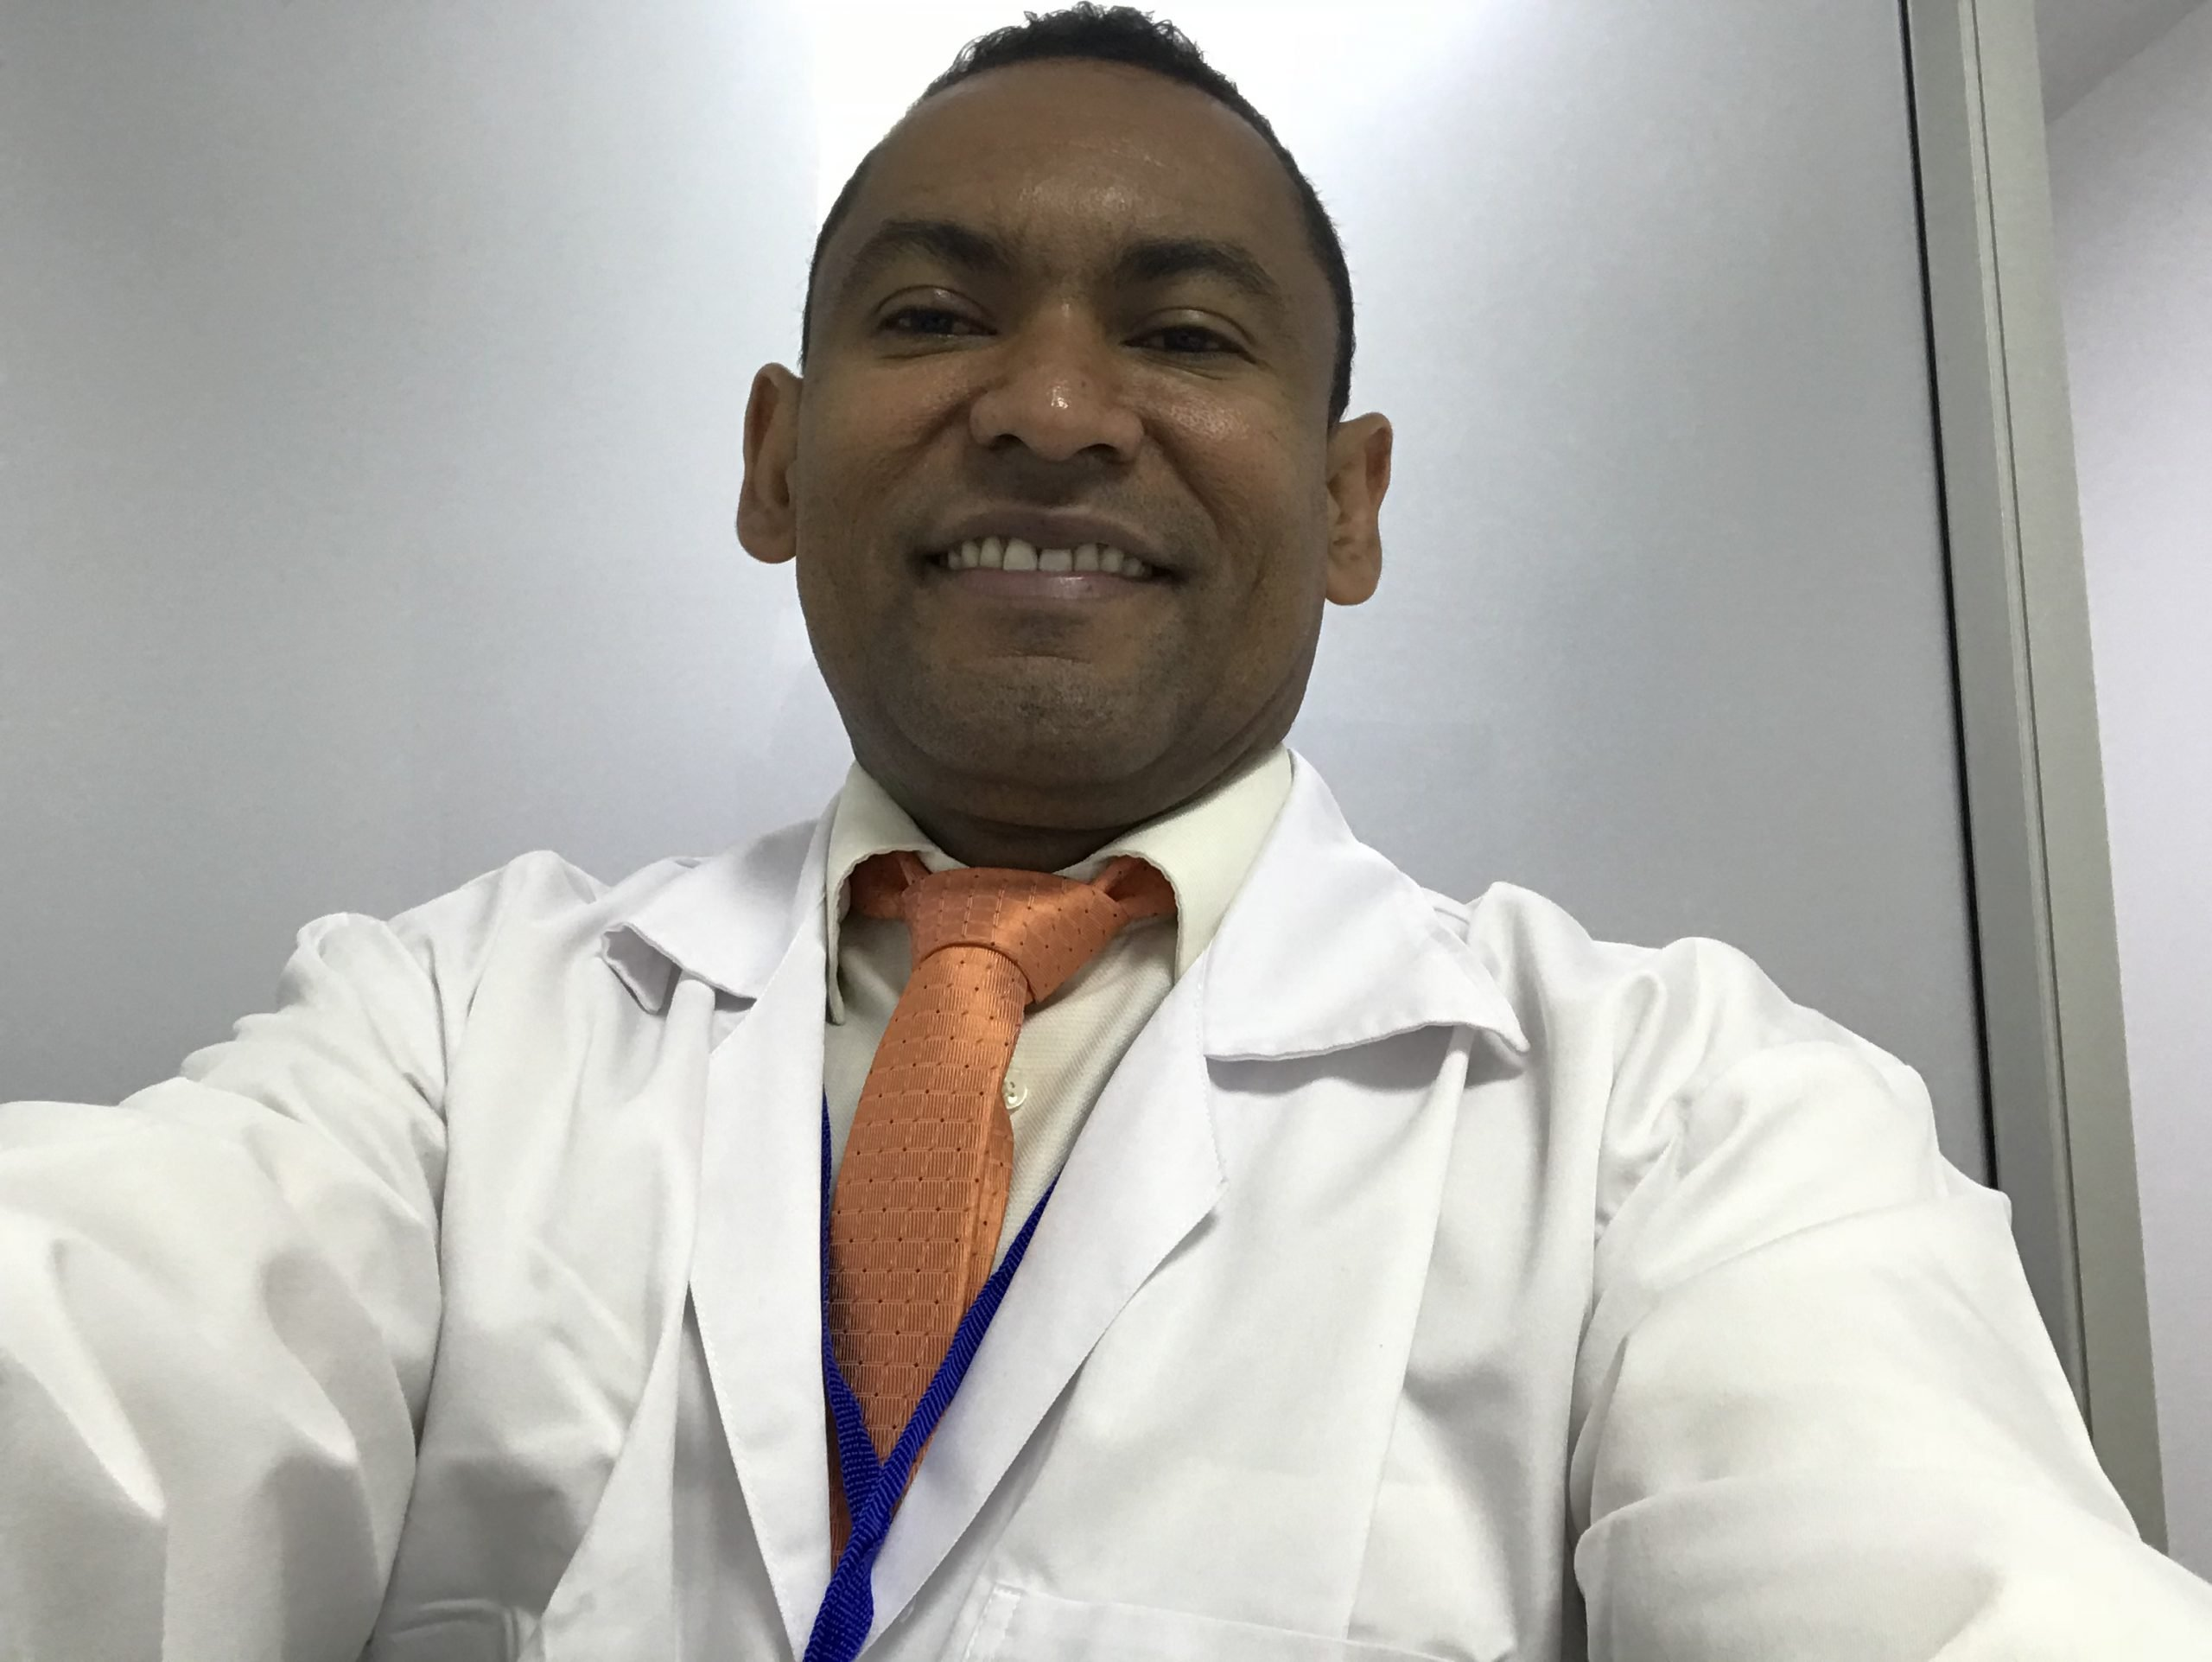 Dr. Kelvis Salinas Cuadrado